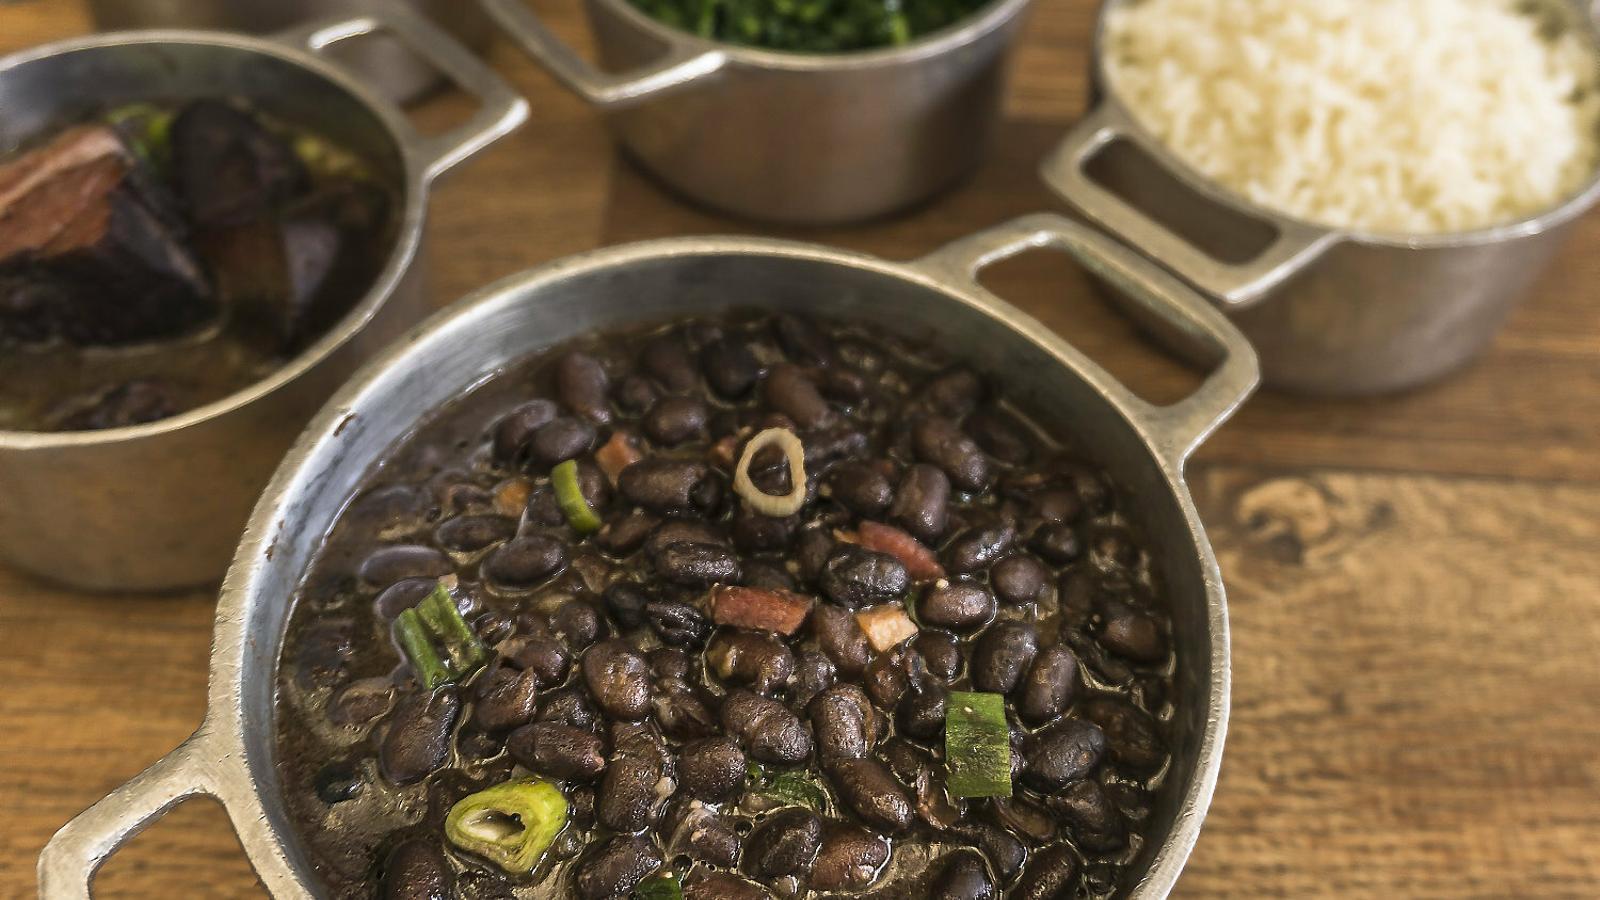 Ingredients  de la feijoada, amb el feijão  en primer pla.